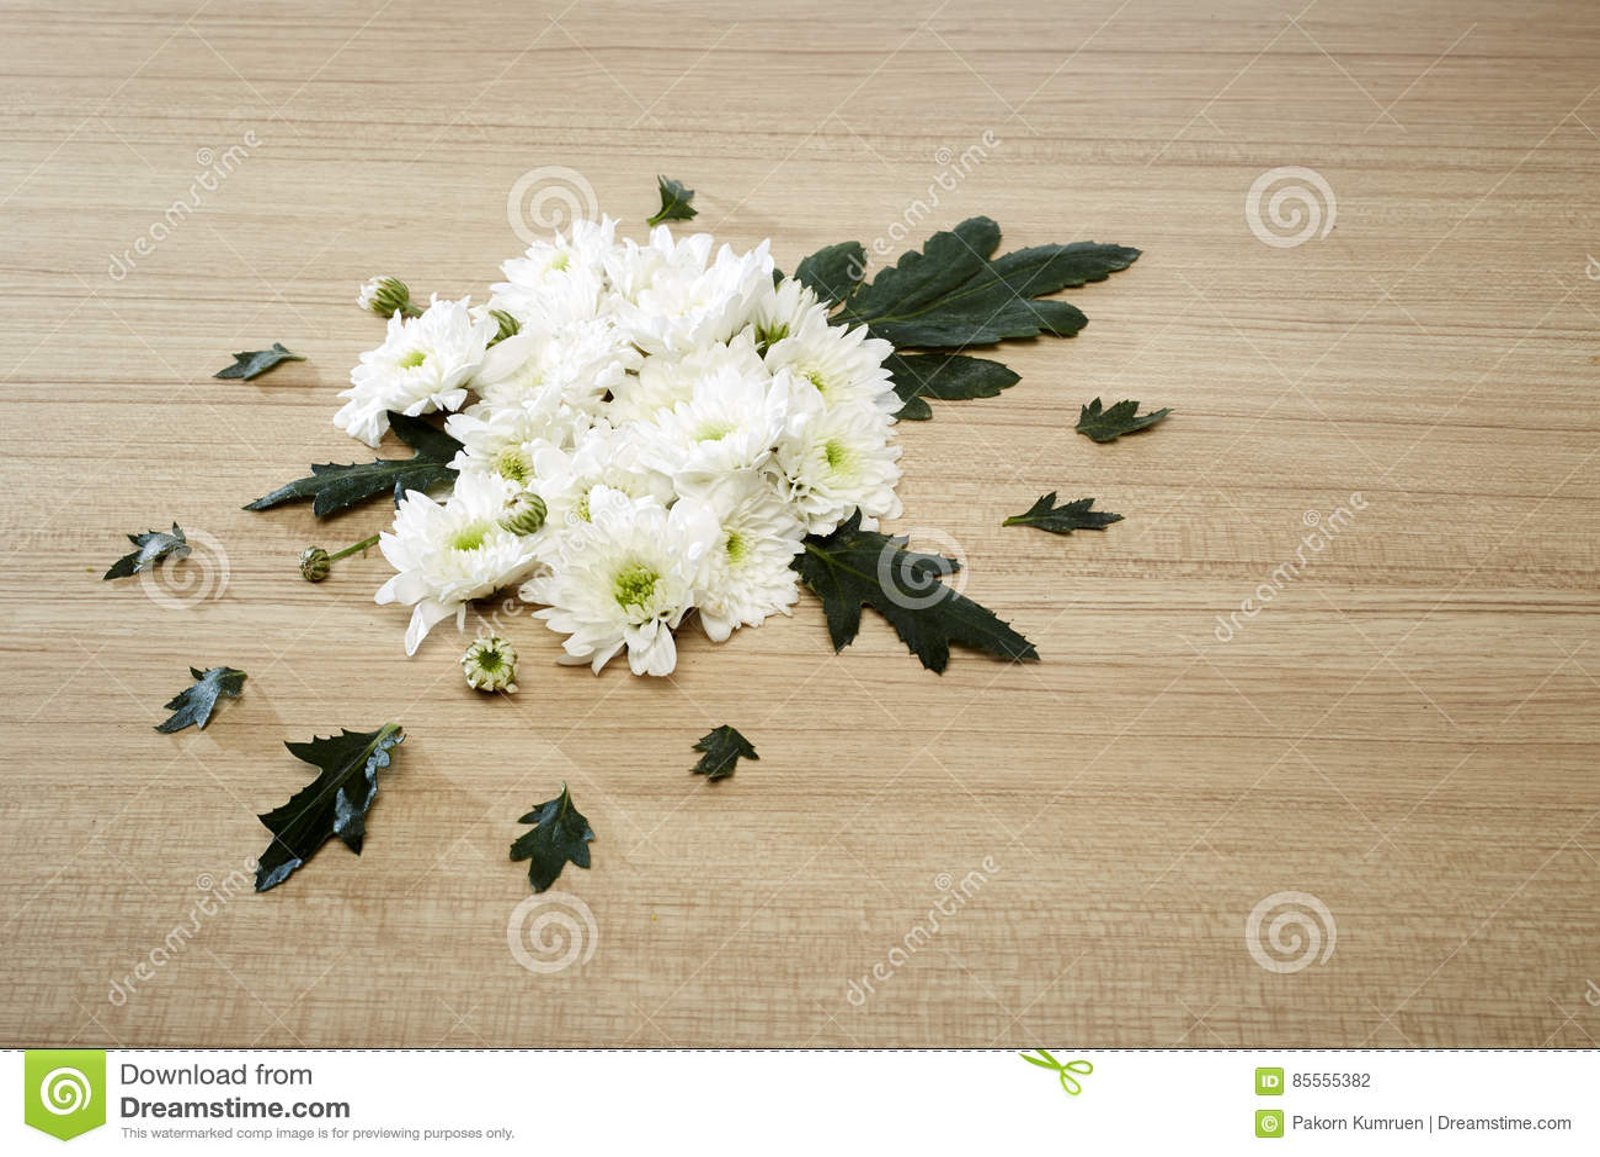 Blumenstrauß von Chrysanthemen